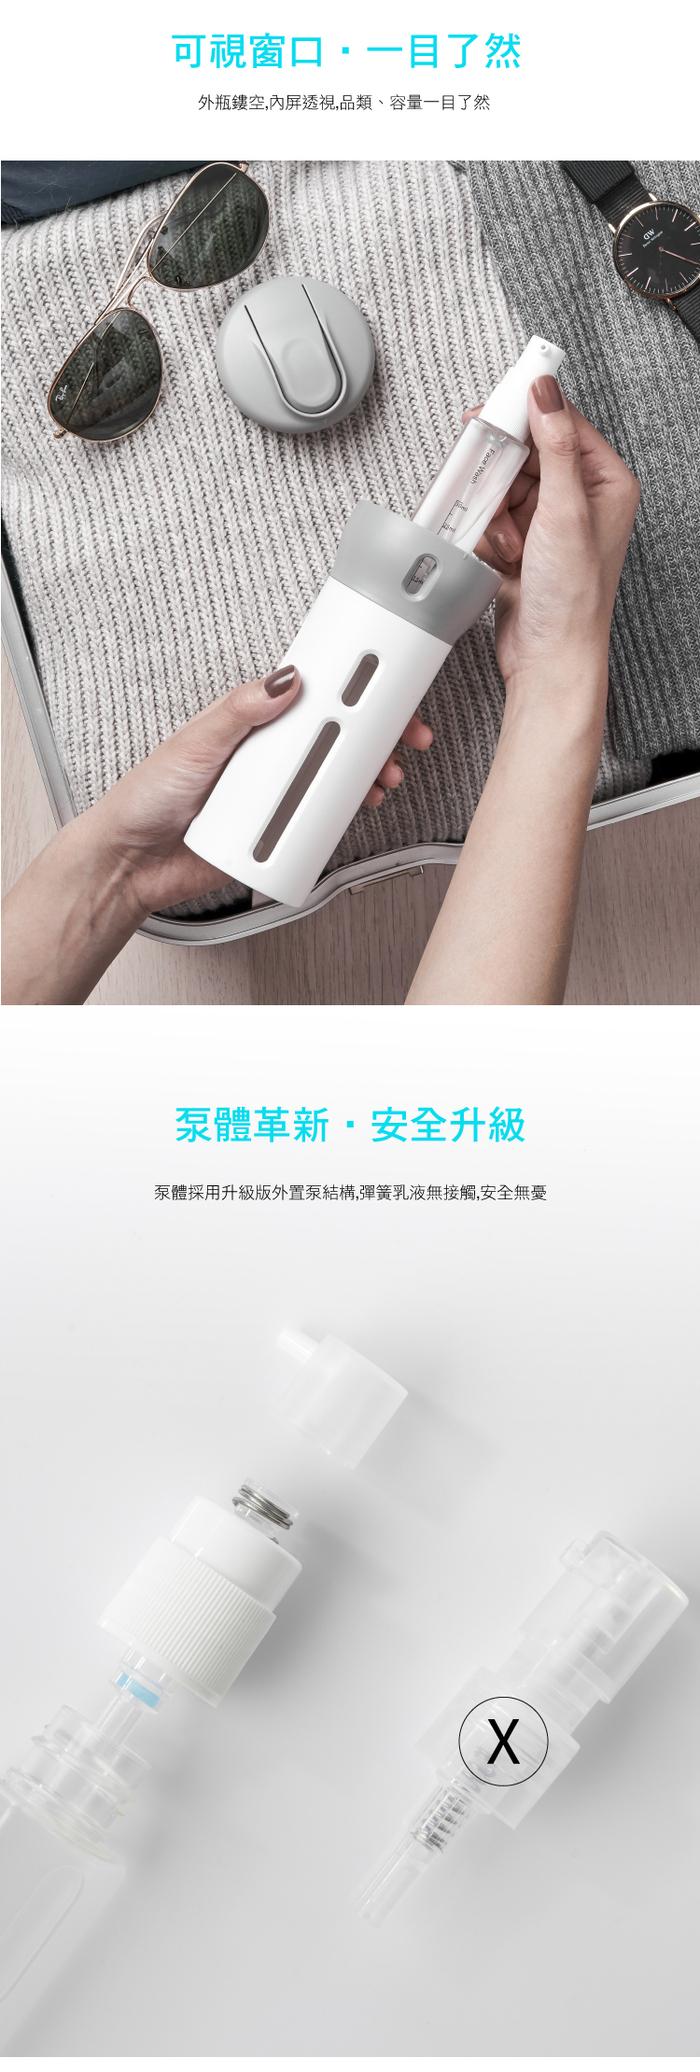 (複製)ONE mini|多功能口袋型隨身翻譯機